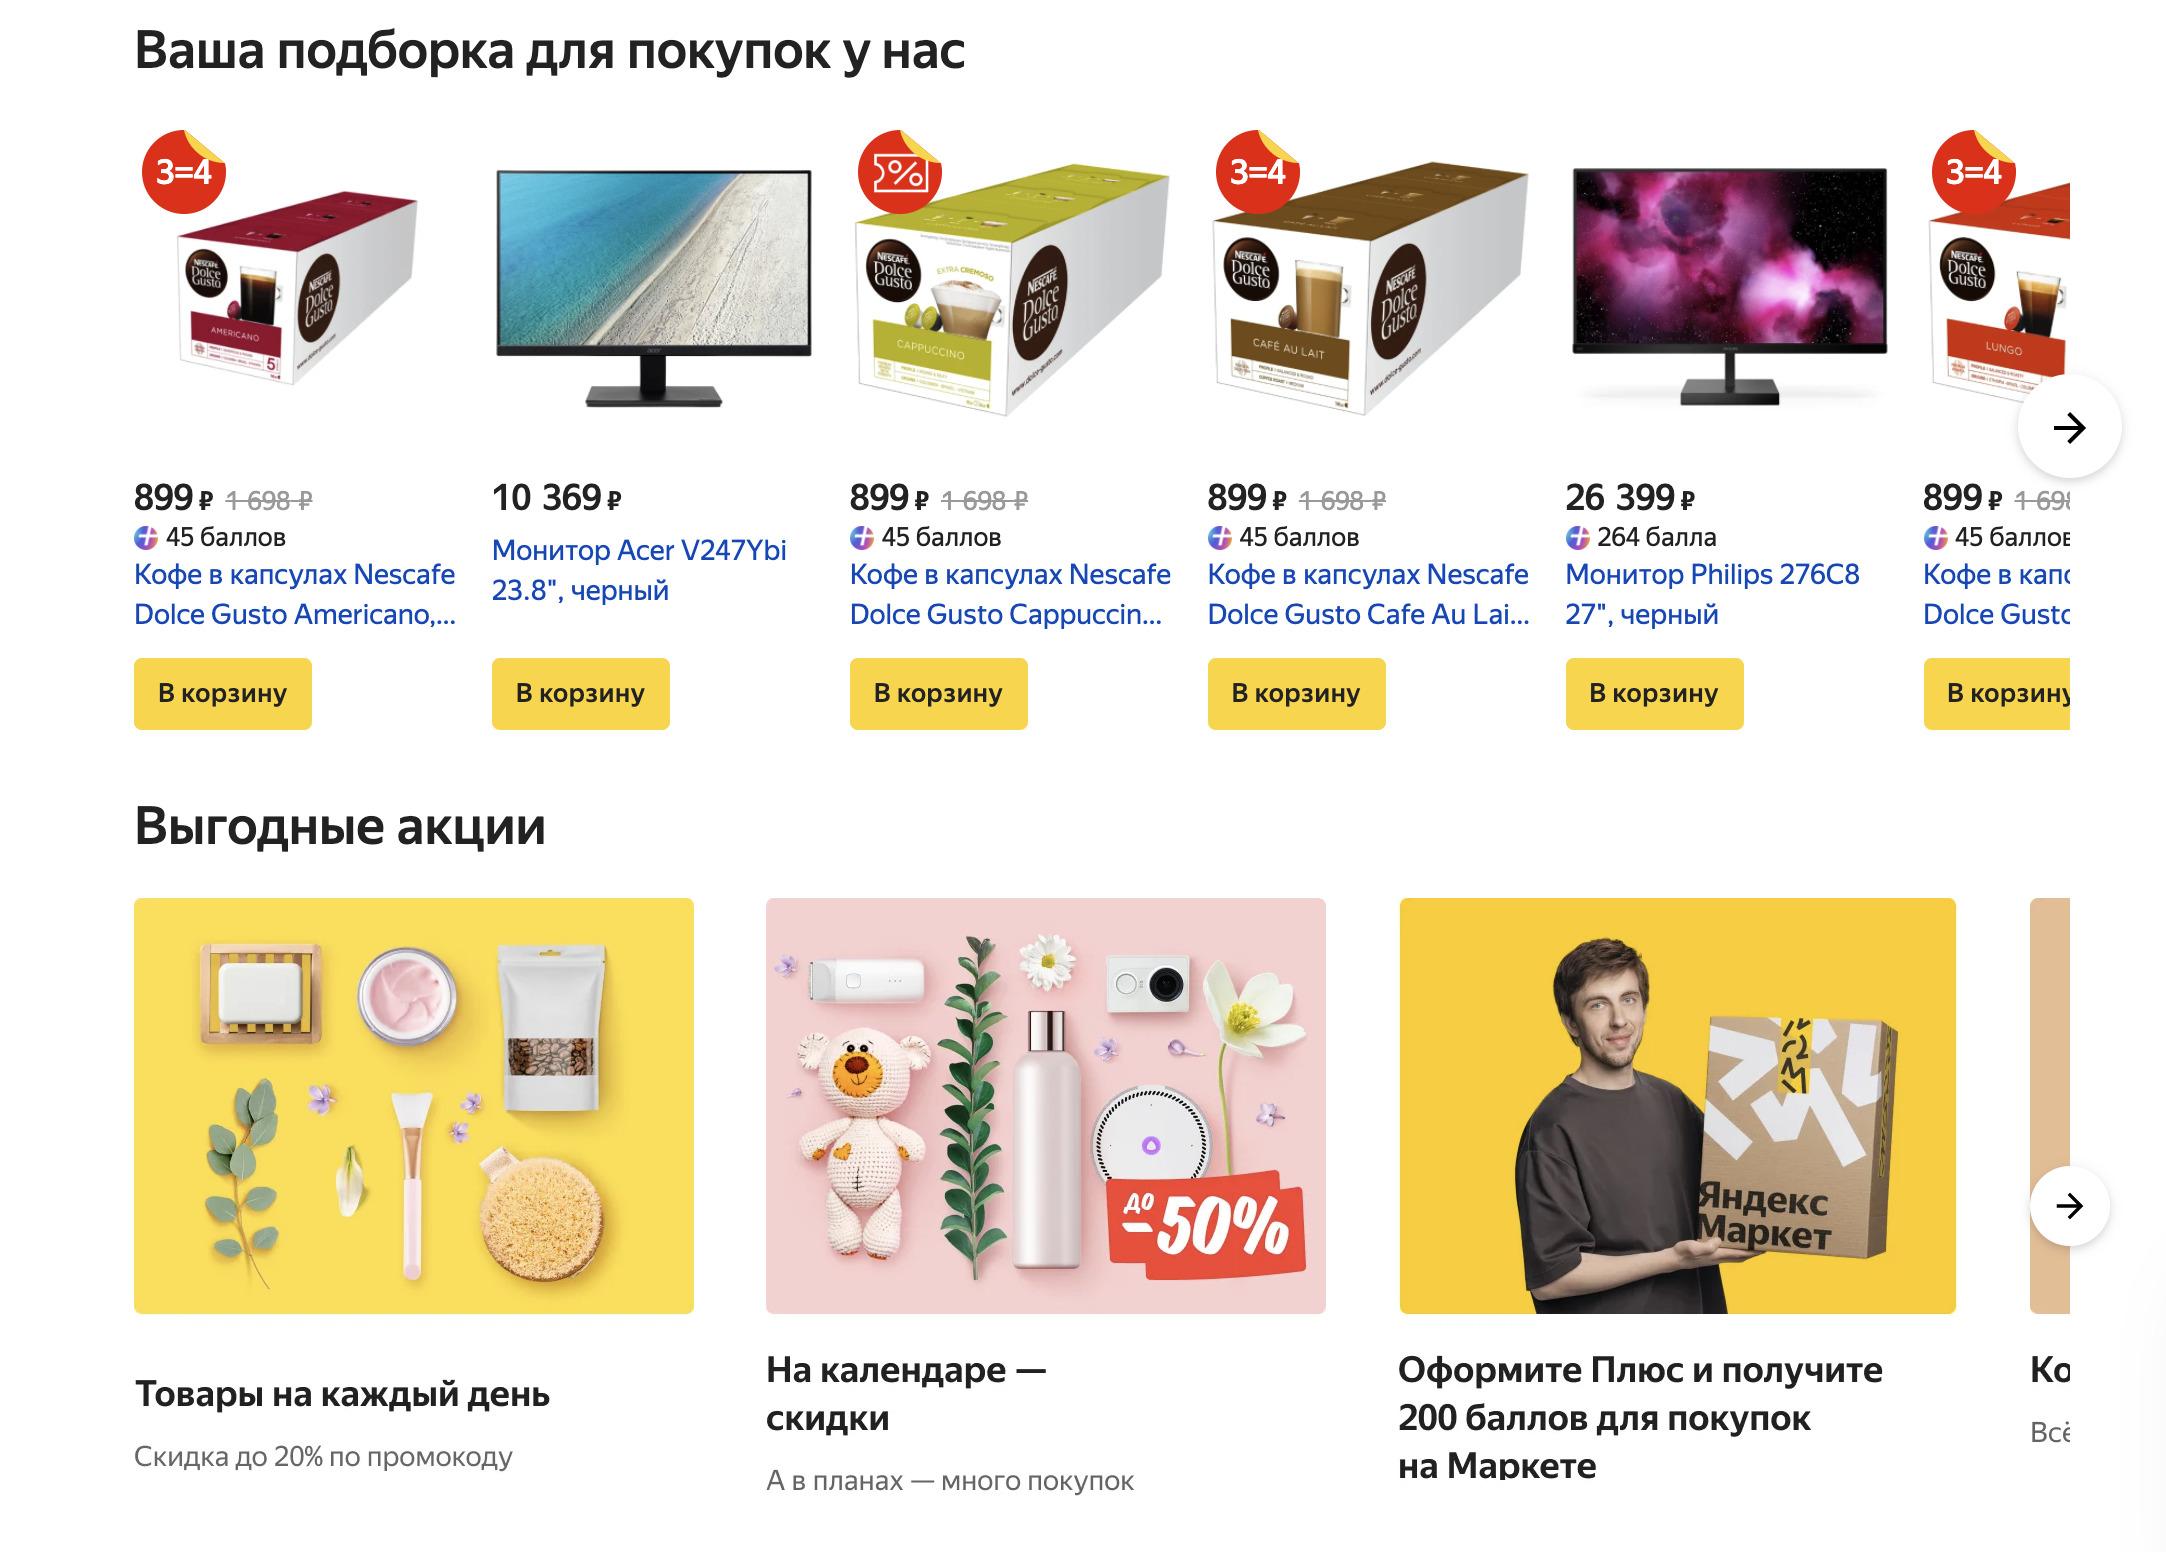 Доставка из Яндекс.Маркет в Лениногорск, сроки, пункты выдачи, каталог